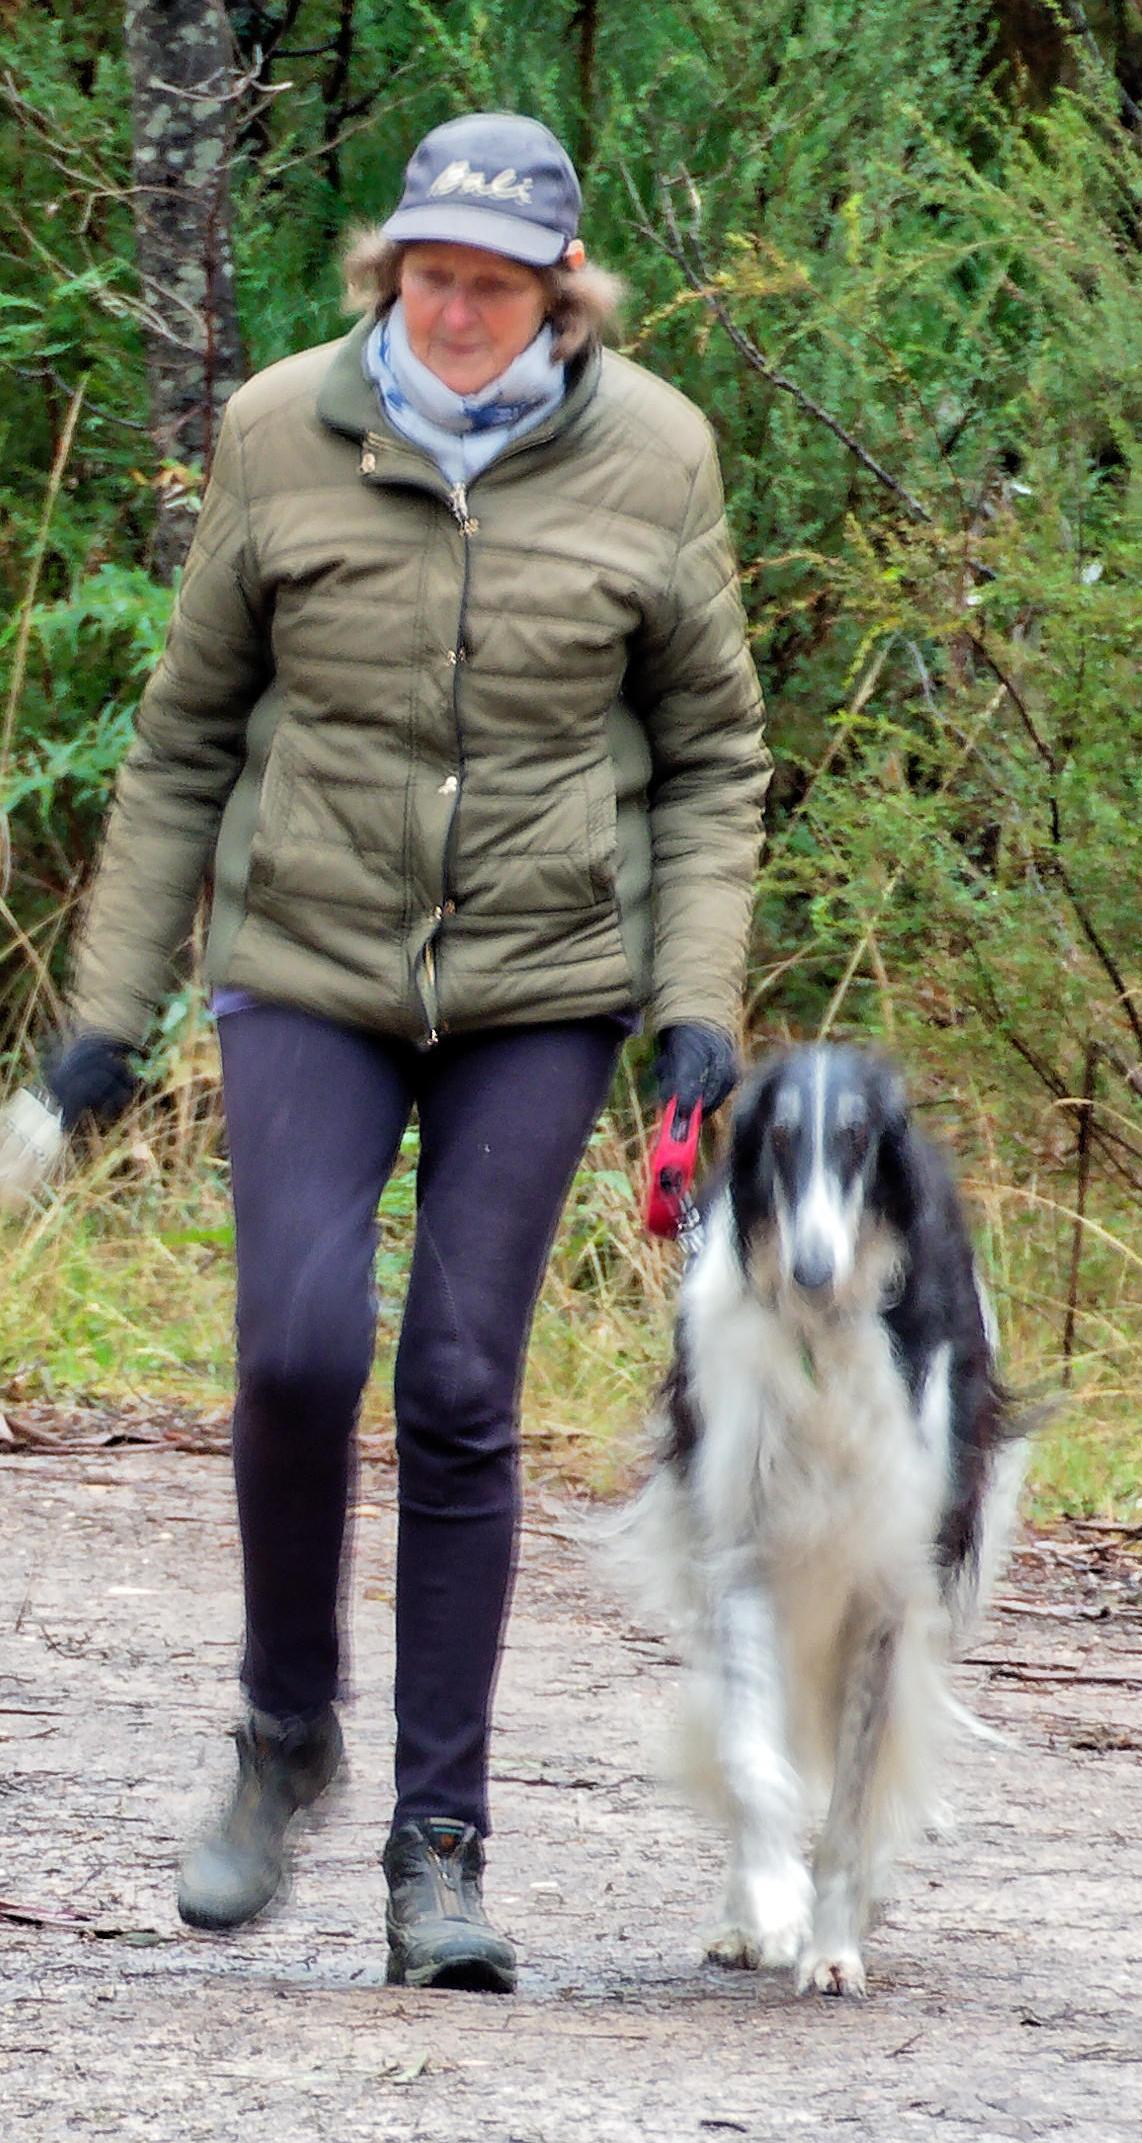 Walking-dogs-4-detail.jpeg